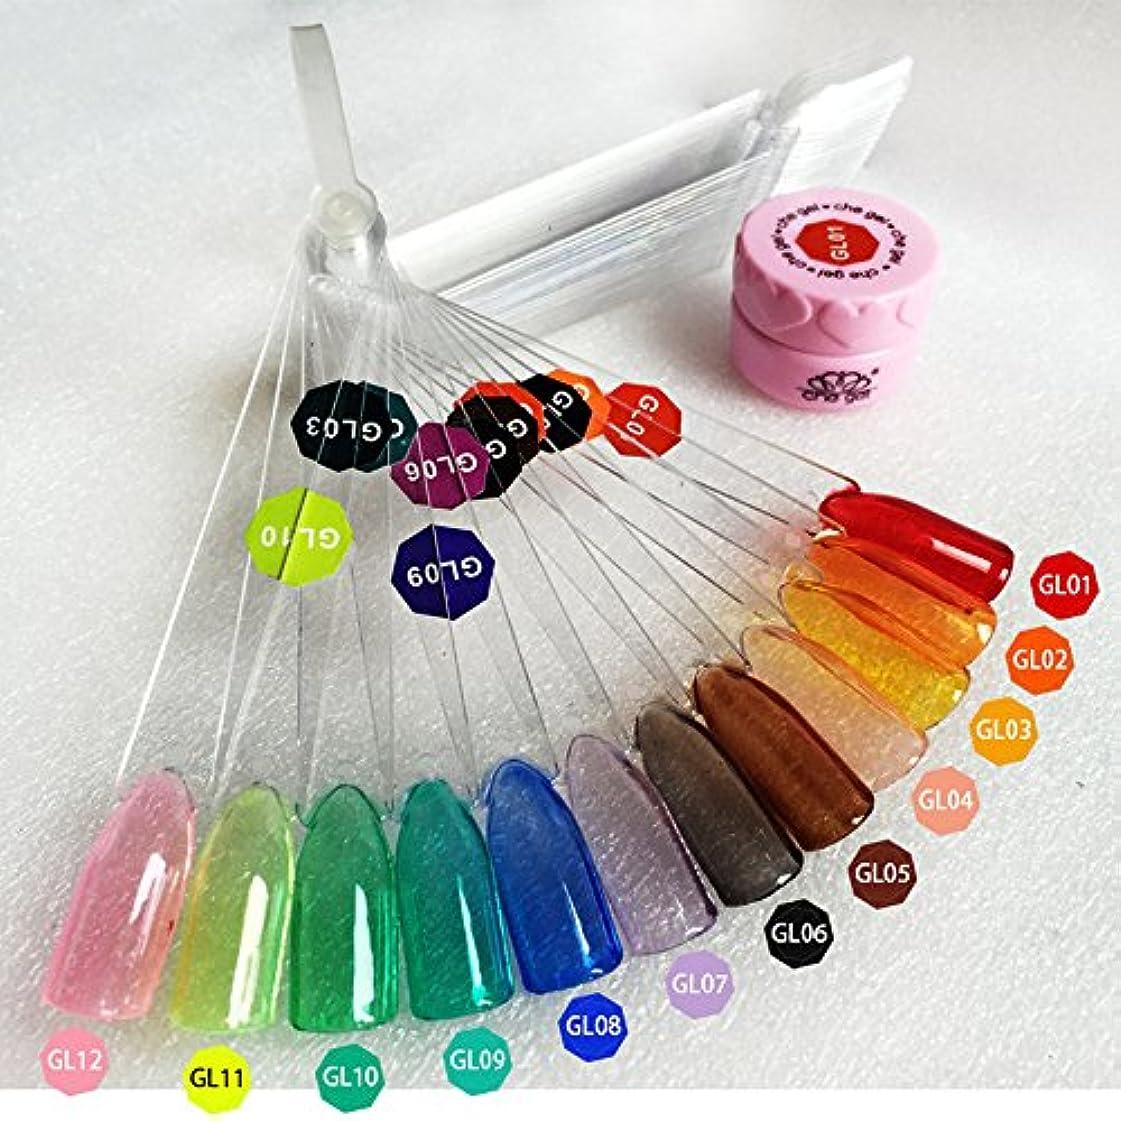 驚かすリーチ調整するジェルネイルカラークリアカラージェル ネイルアートネイルパーツネイルマニキュアソークオフ   3gケース入り12色から選び  (5)